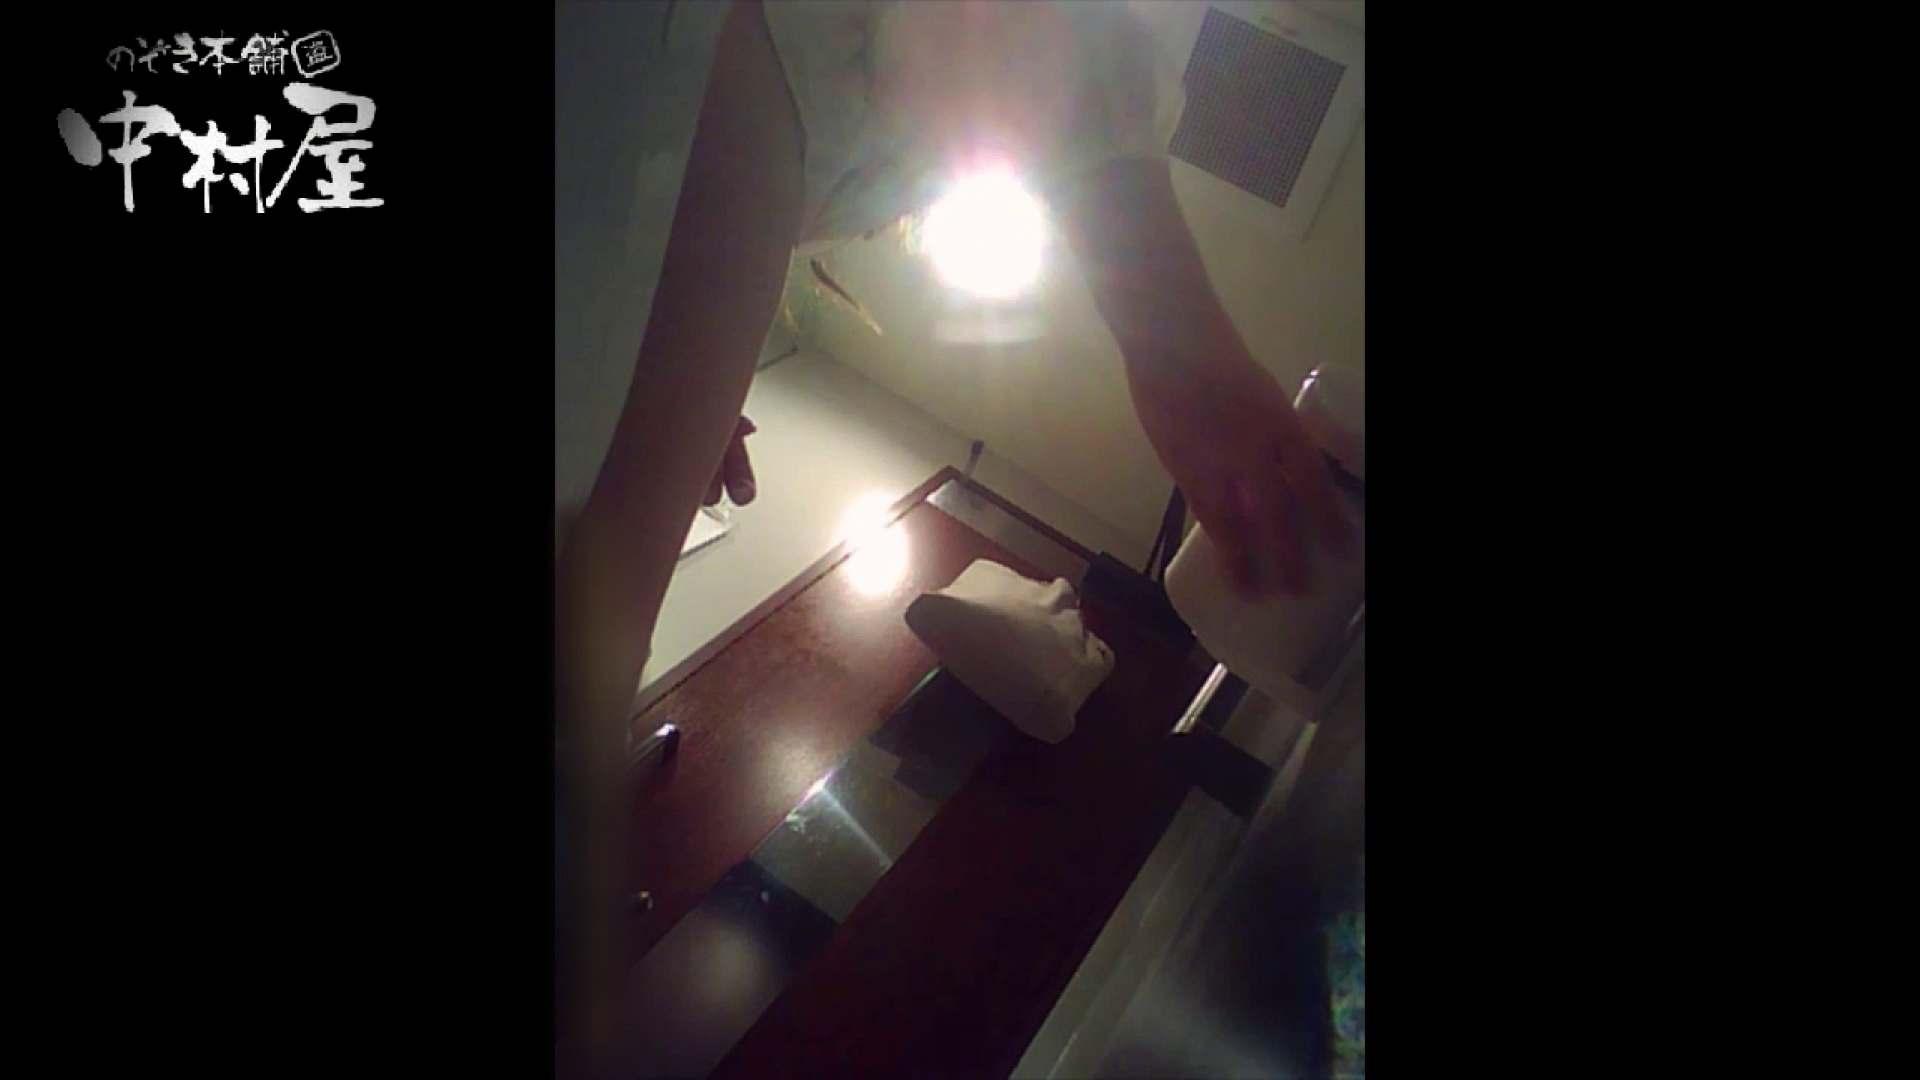 高画質トイレ盗撮vol.08 美しいOLの裸体 オマンコ無修正動画無料 82pic 82